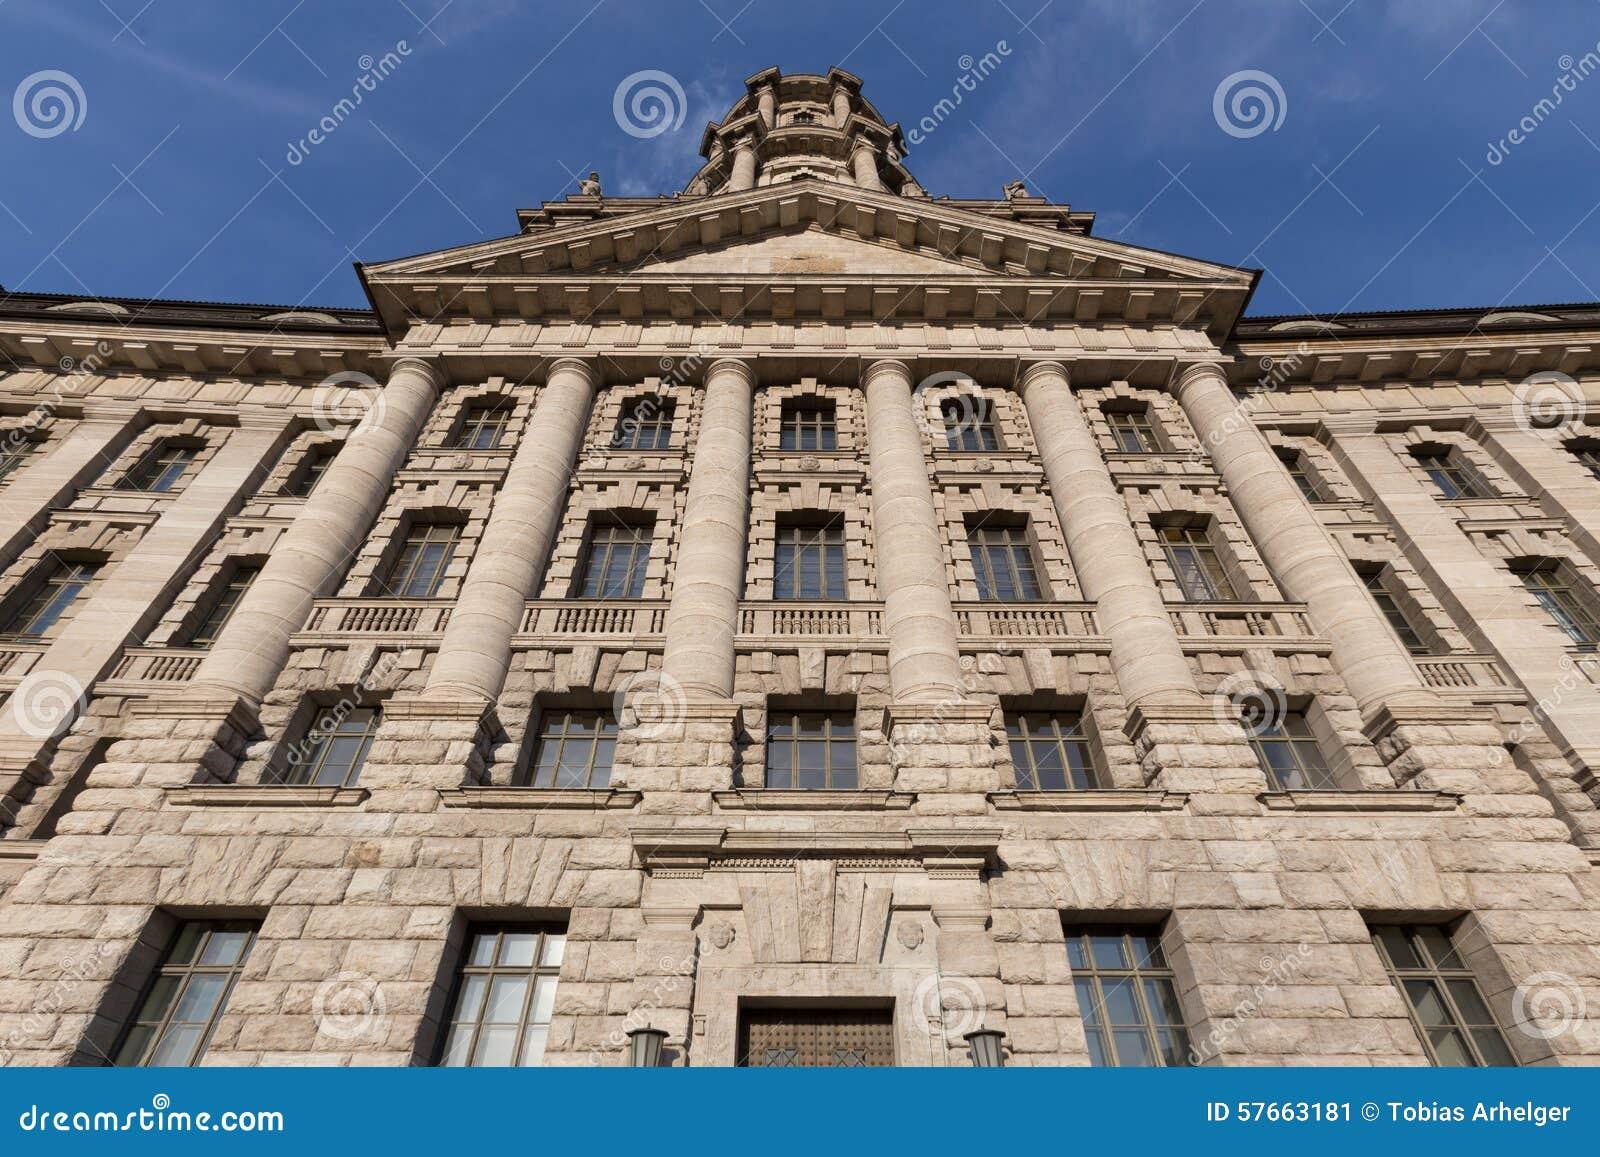 Stary stadthaus budynek w Berlin Germany